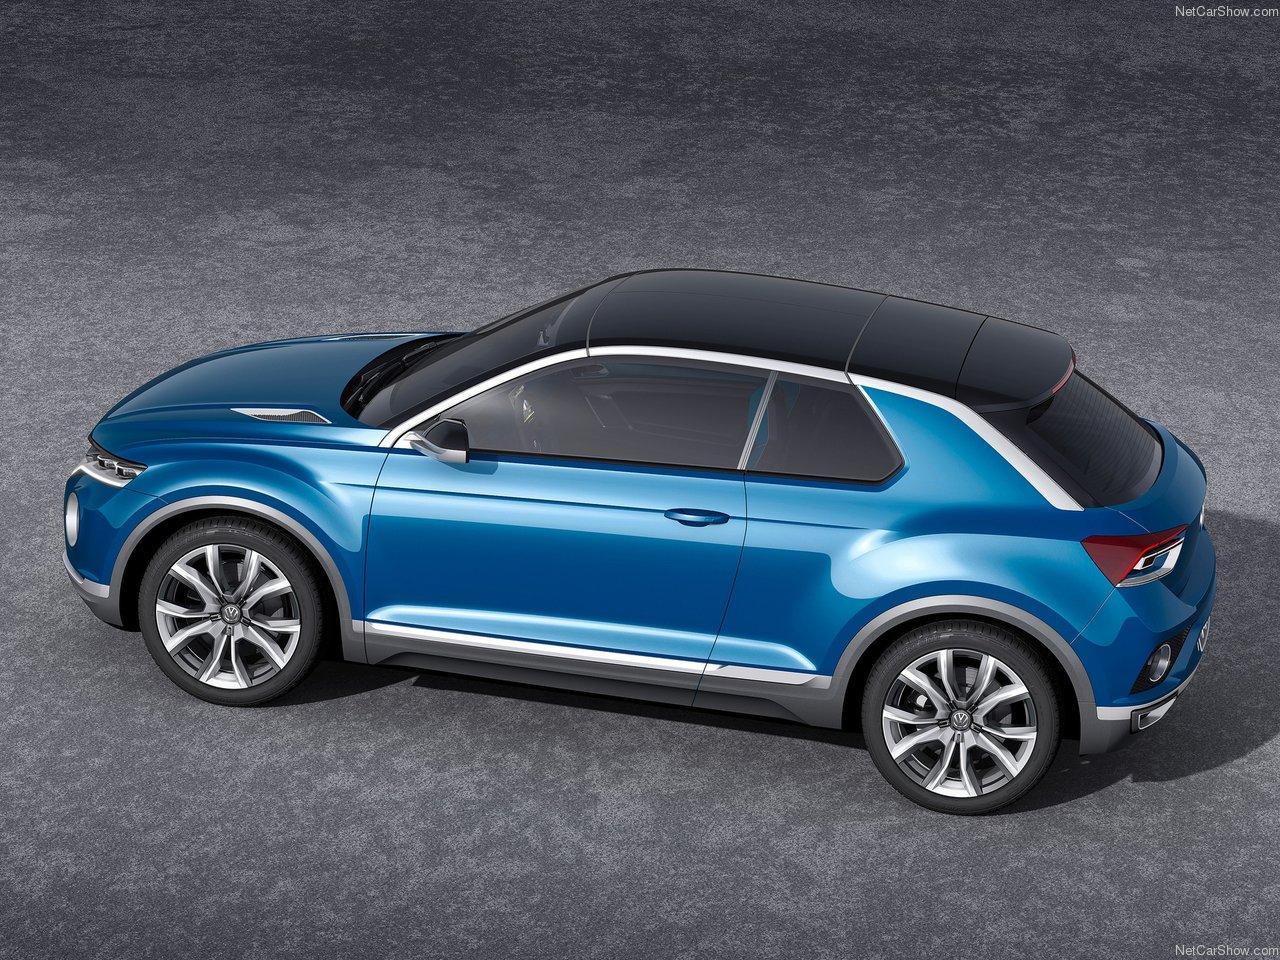 Volkswagen-T-Roc_Concept_2014_1280x960_wallpaper_07.jpg